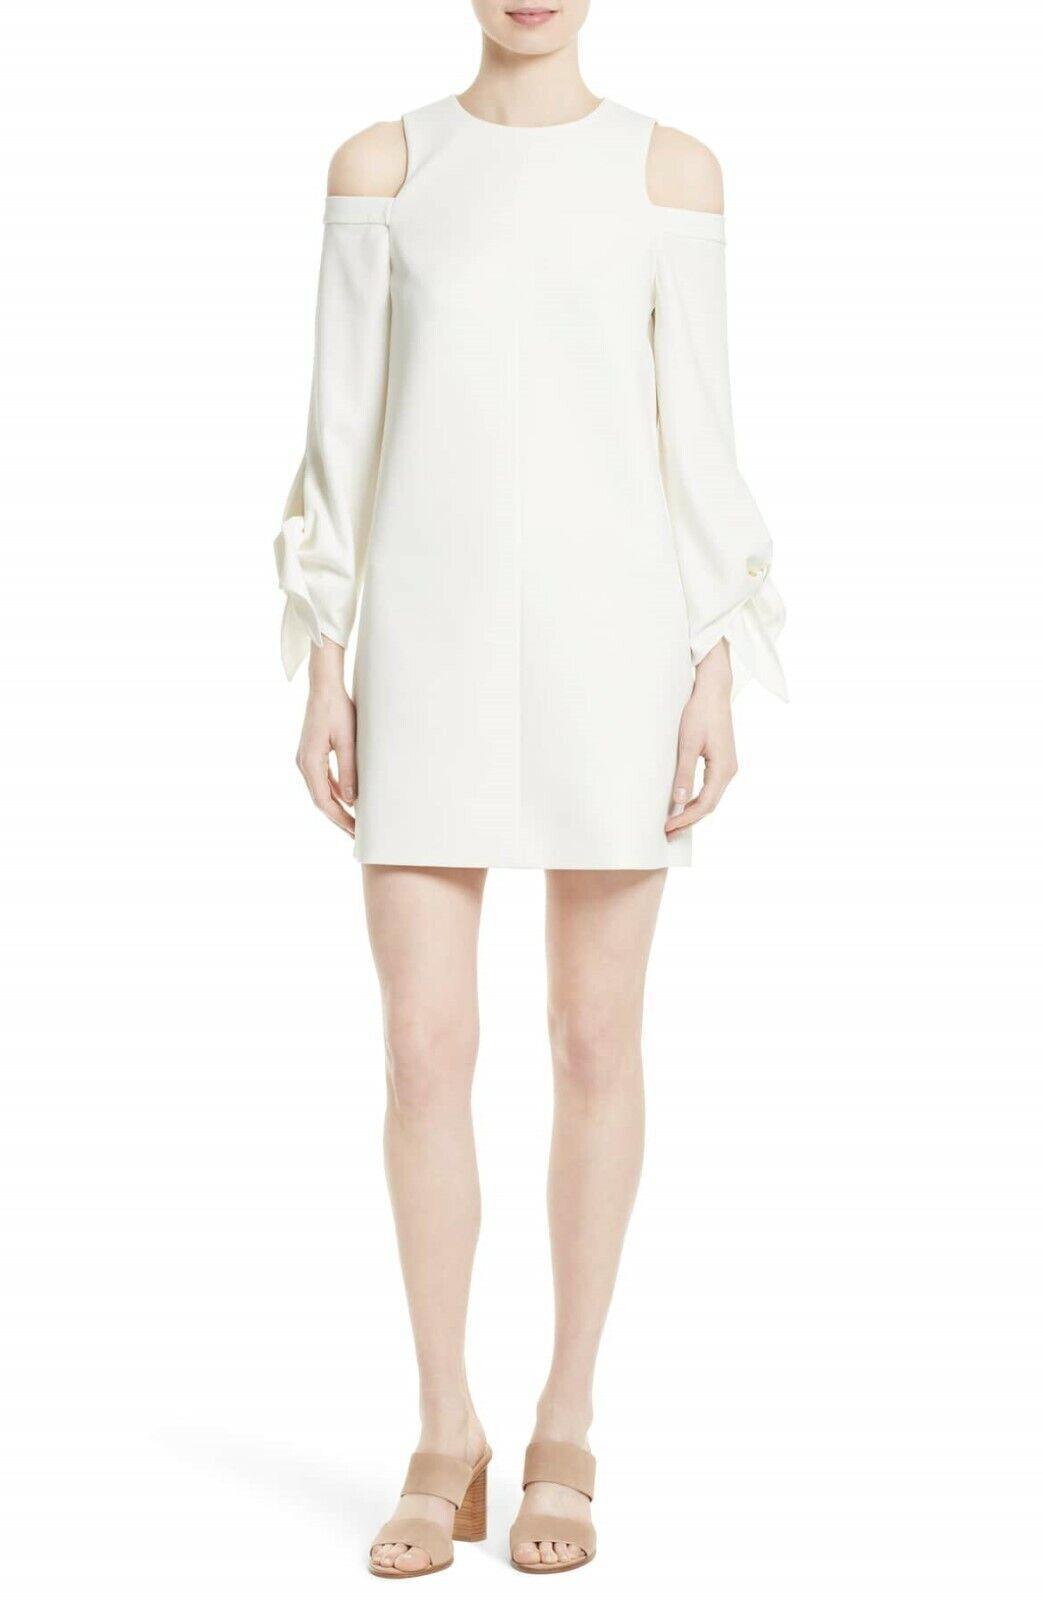 NEW Tibi Cold Shoulder Shift Dress in Ivory - Größe 6